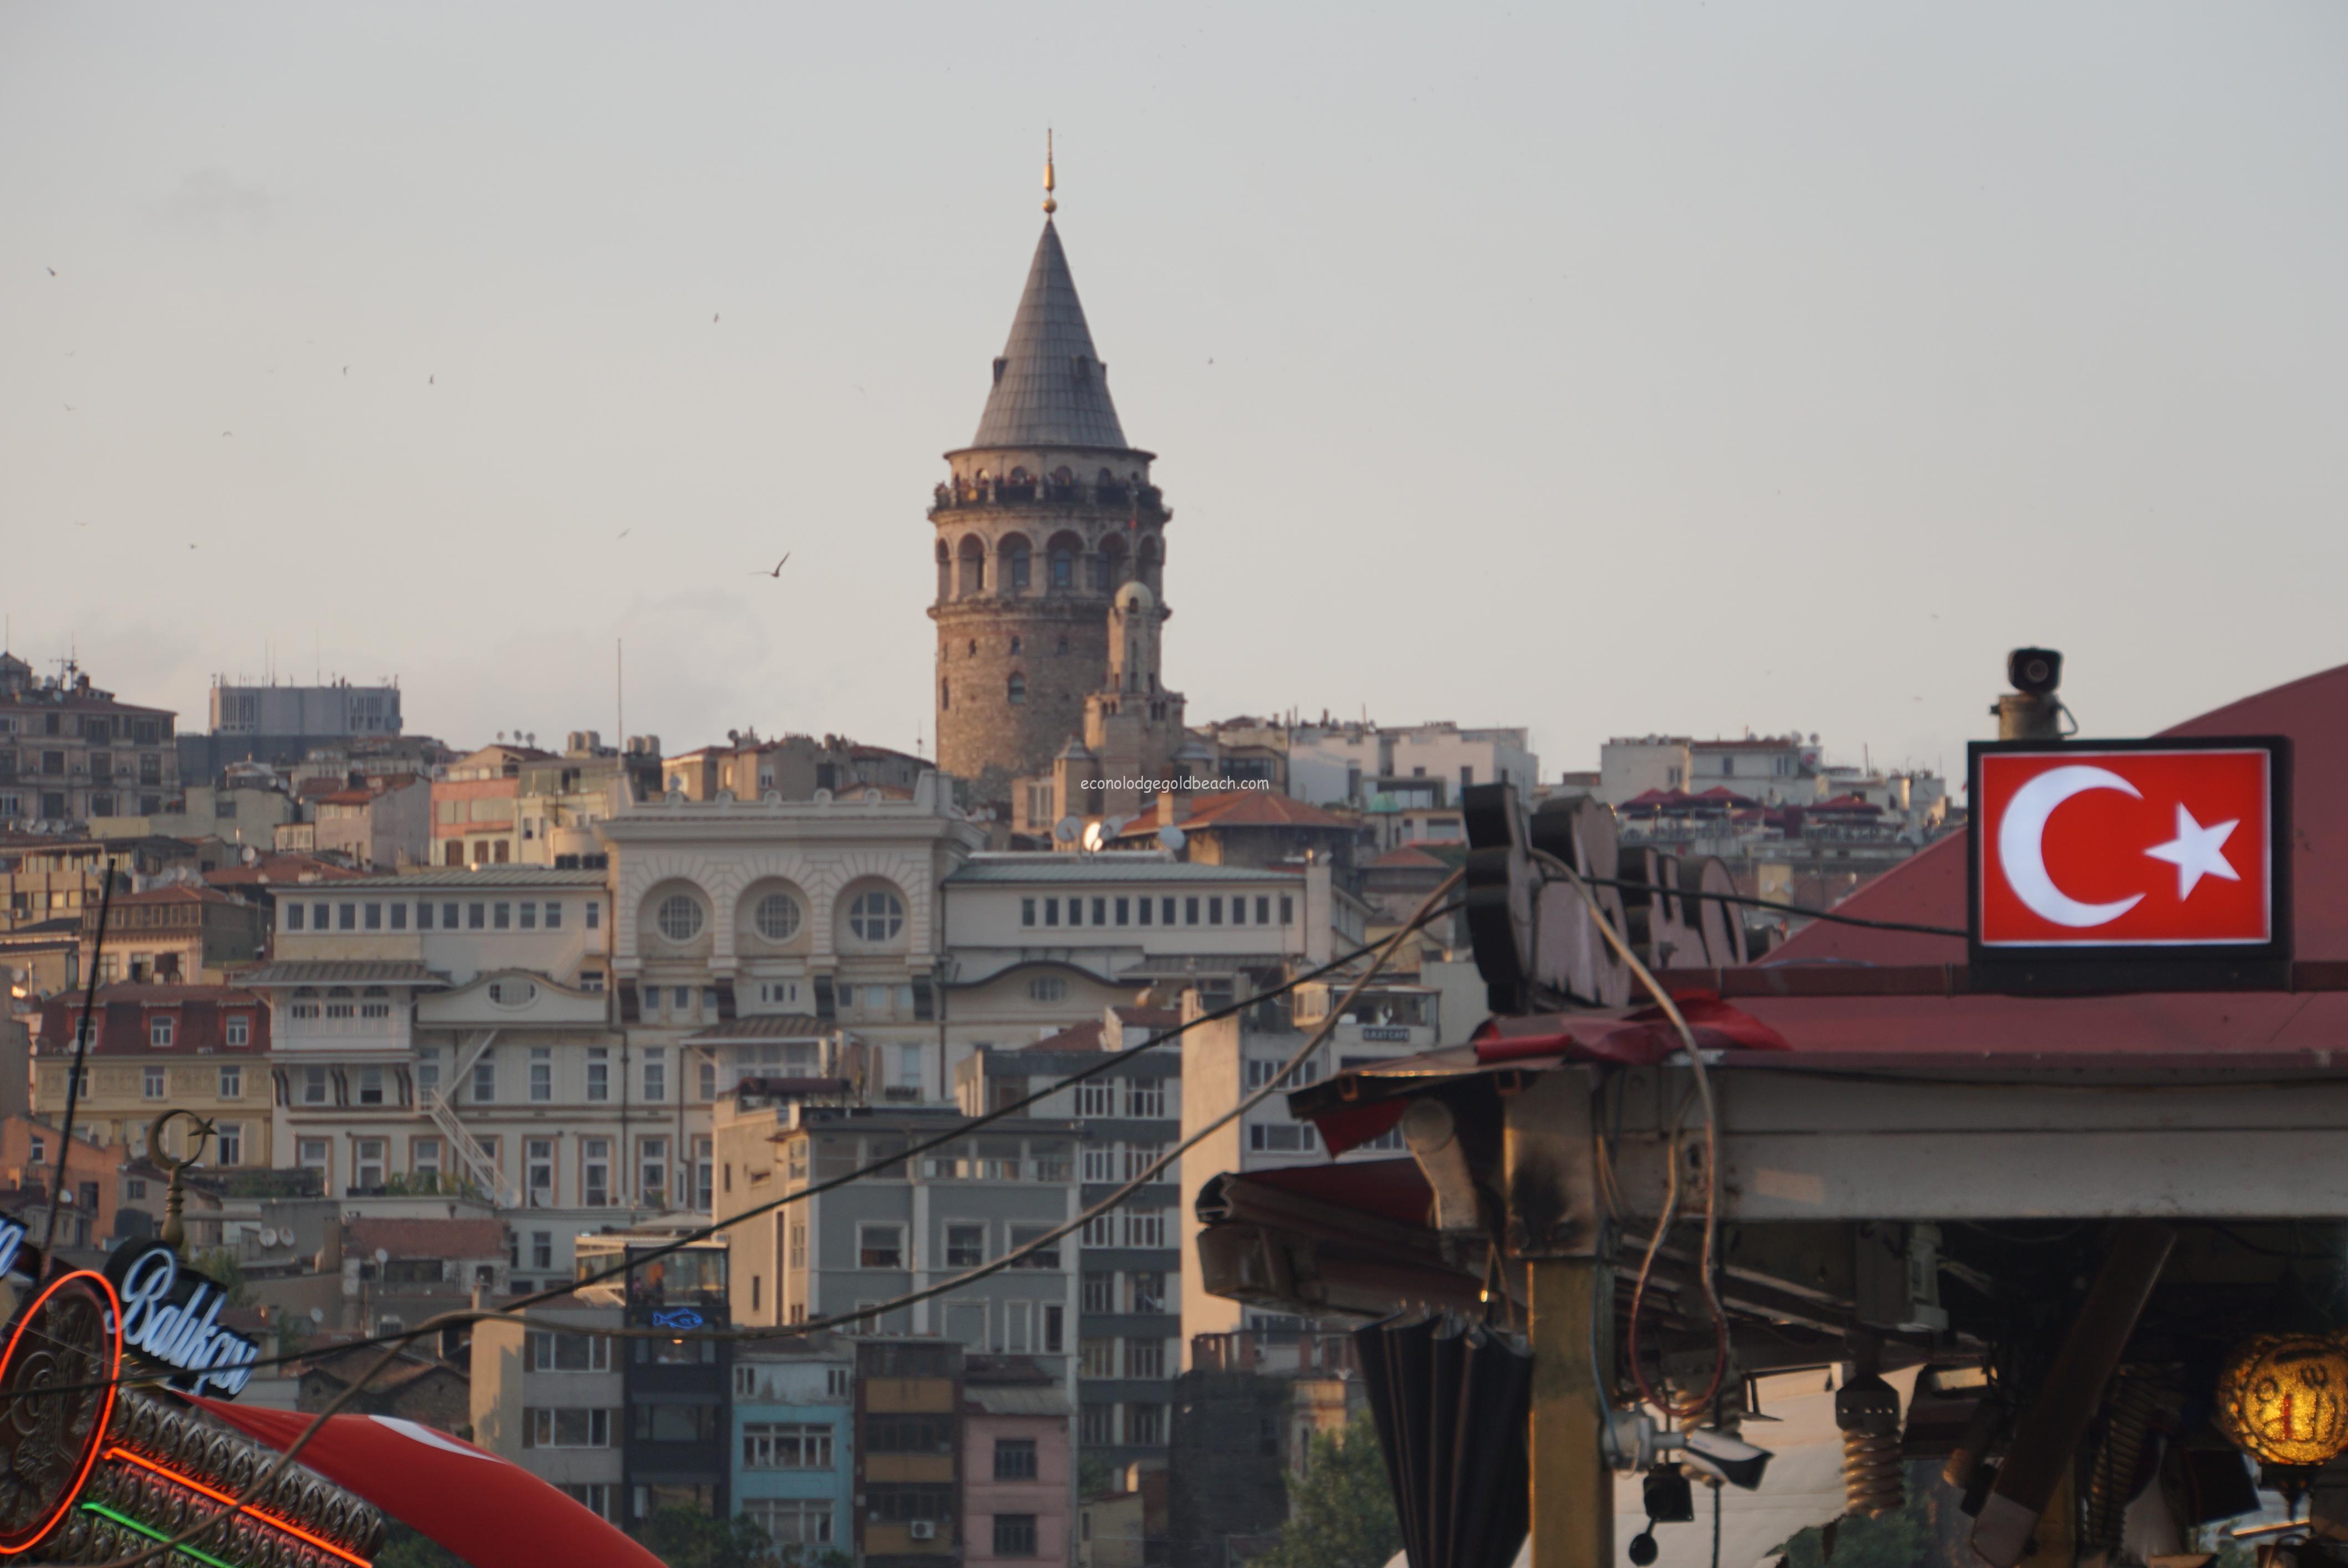 エミノニュ広場から見たガラタ塔